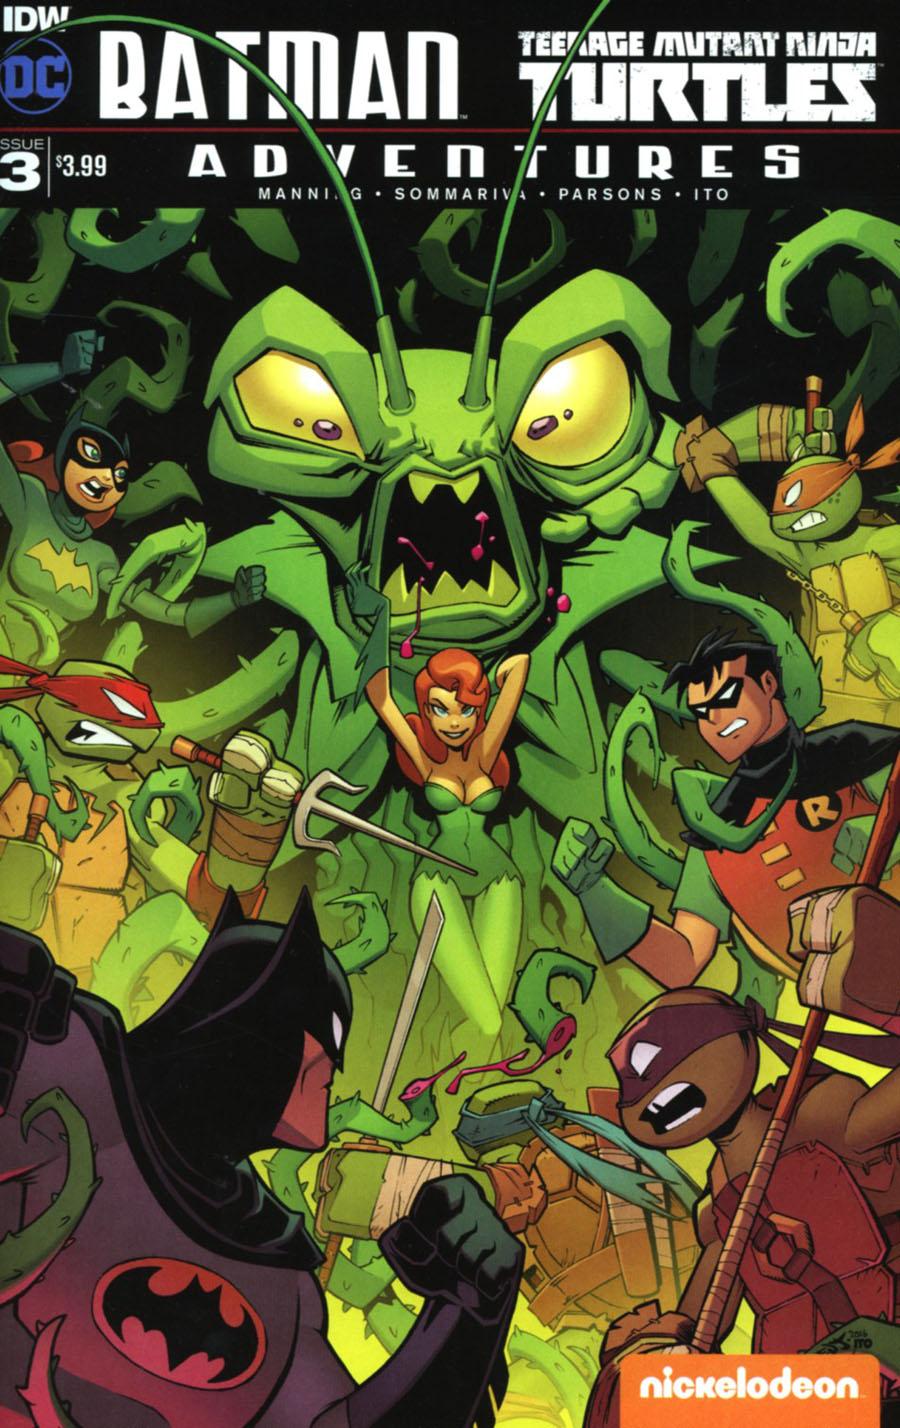 Batman Teenage Mutant Ninja Turtles Adventures #3 Cover A Regular Jon Sommariva Cover